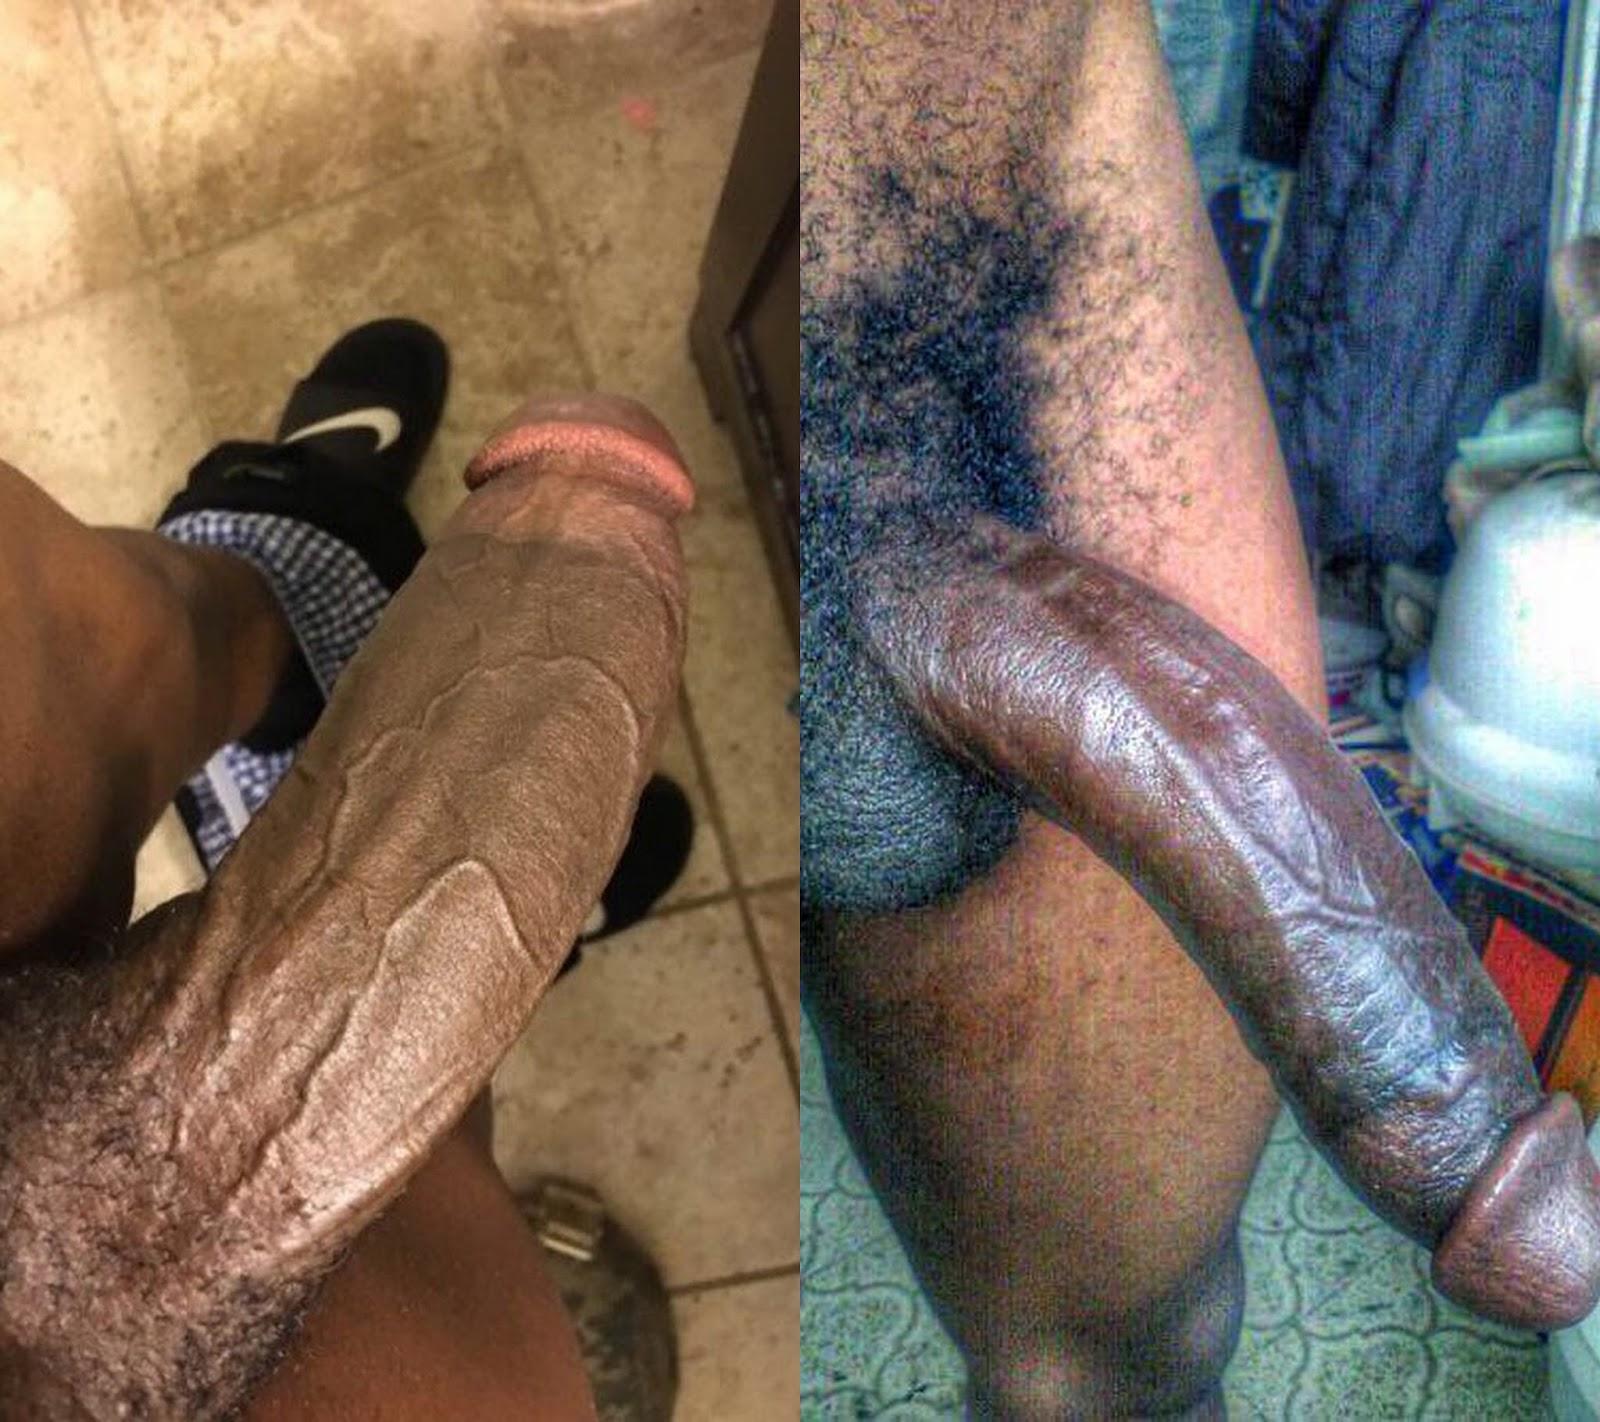 Gay feet slave